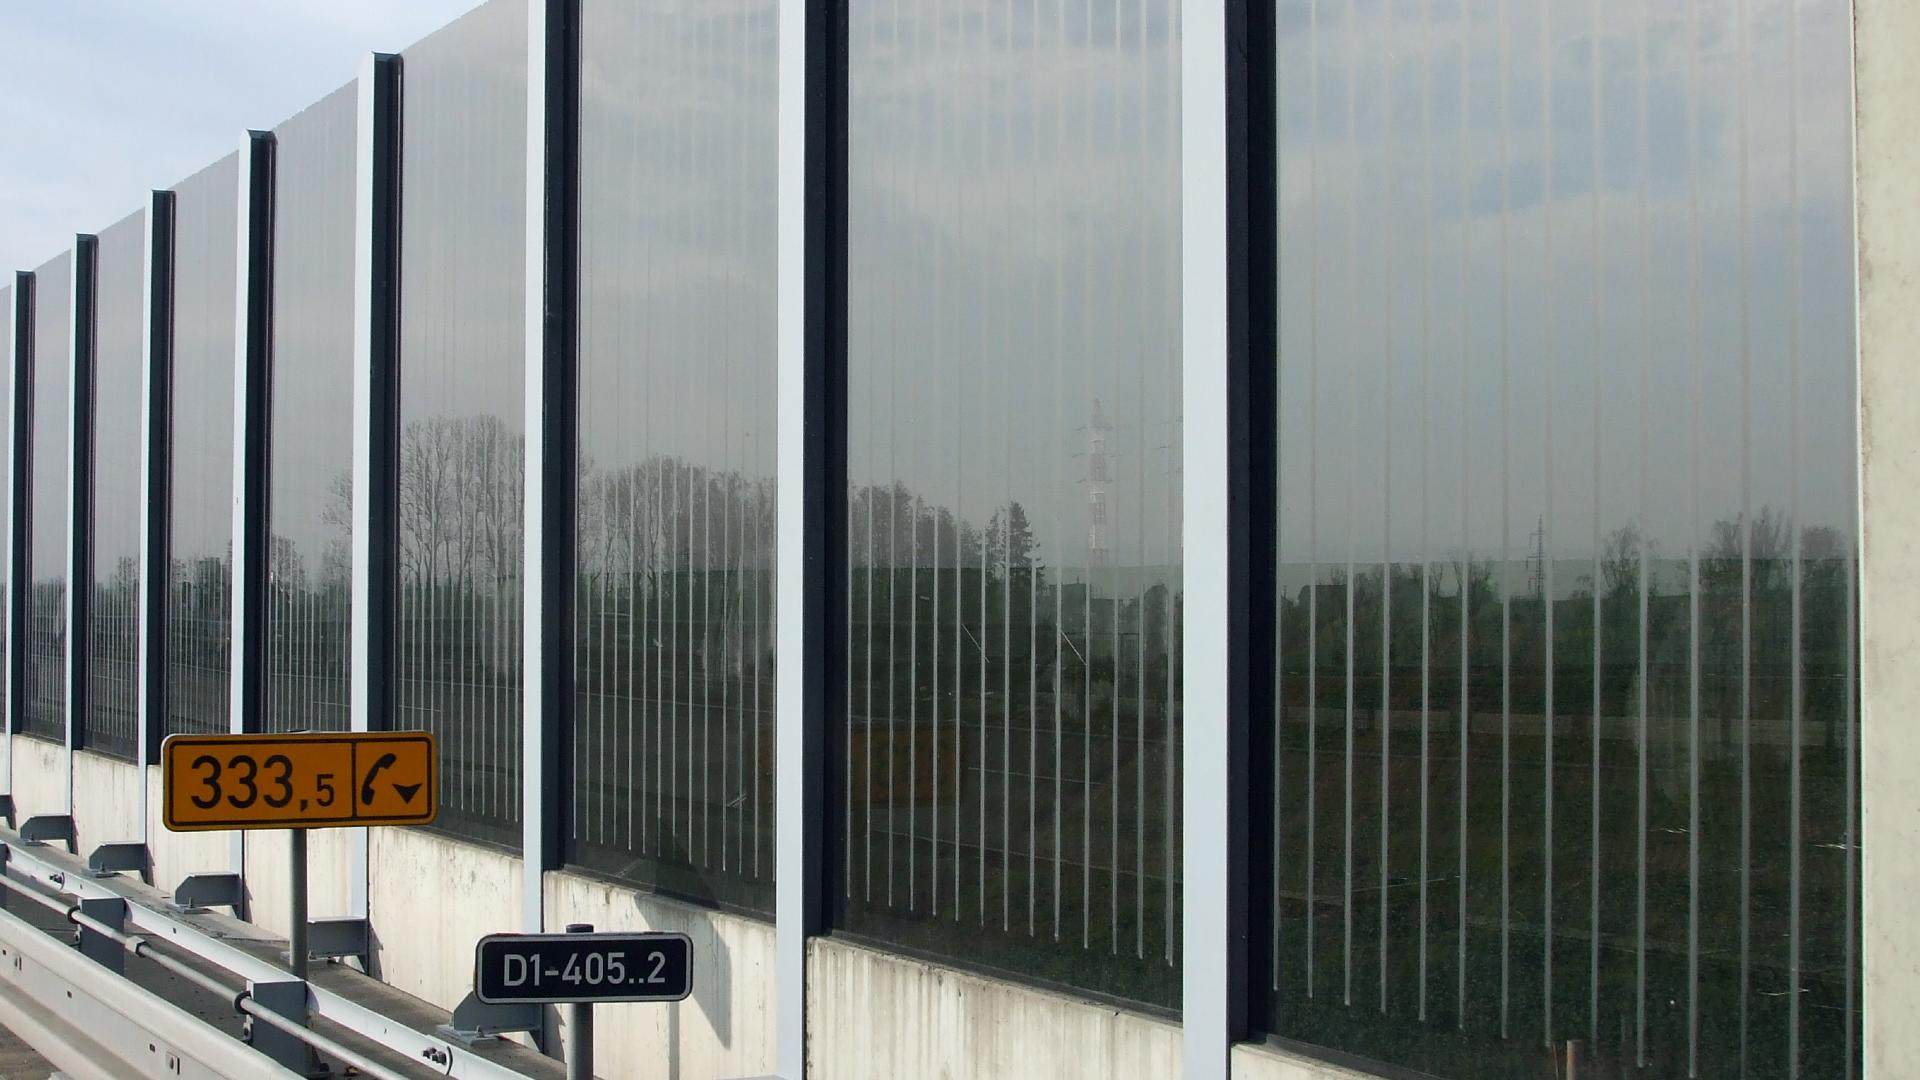 broušení pruhů, transparentní panel, dálnice